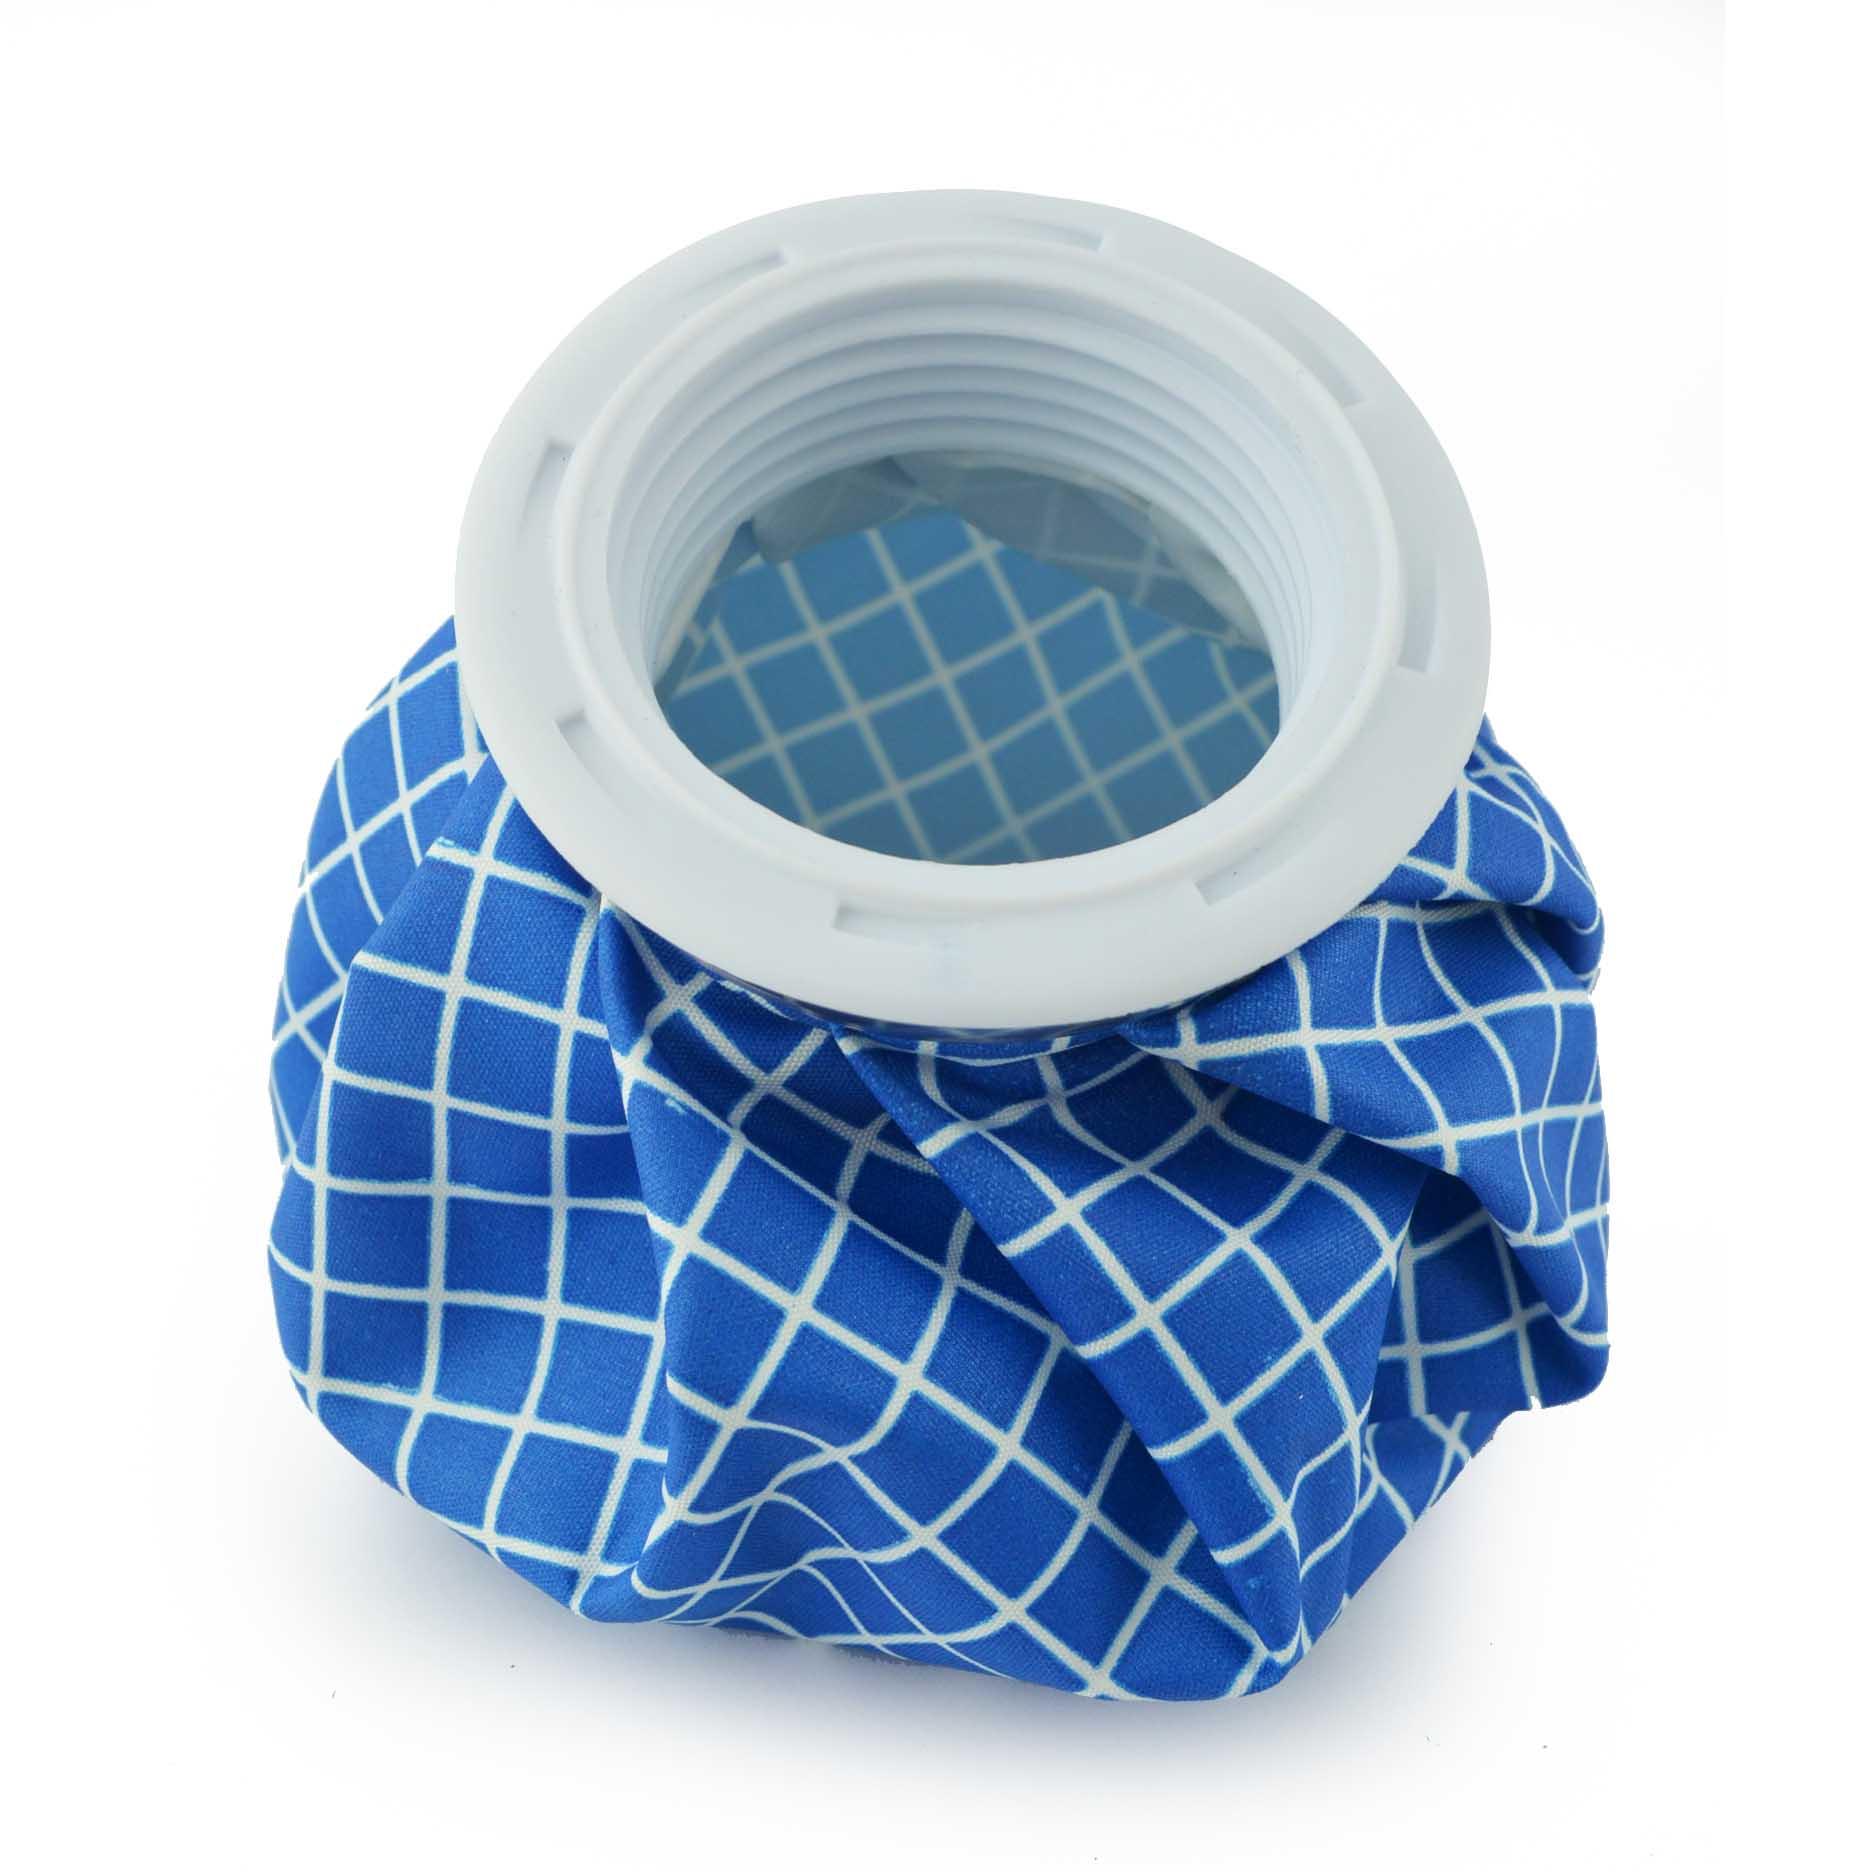 百易特冰溫兩用敷袋 (居家護理、運動保健) 冰敷袋 熱敷袋 隨機出